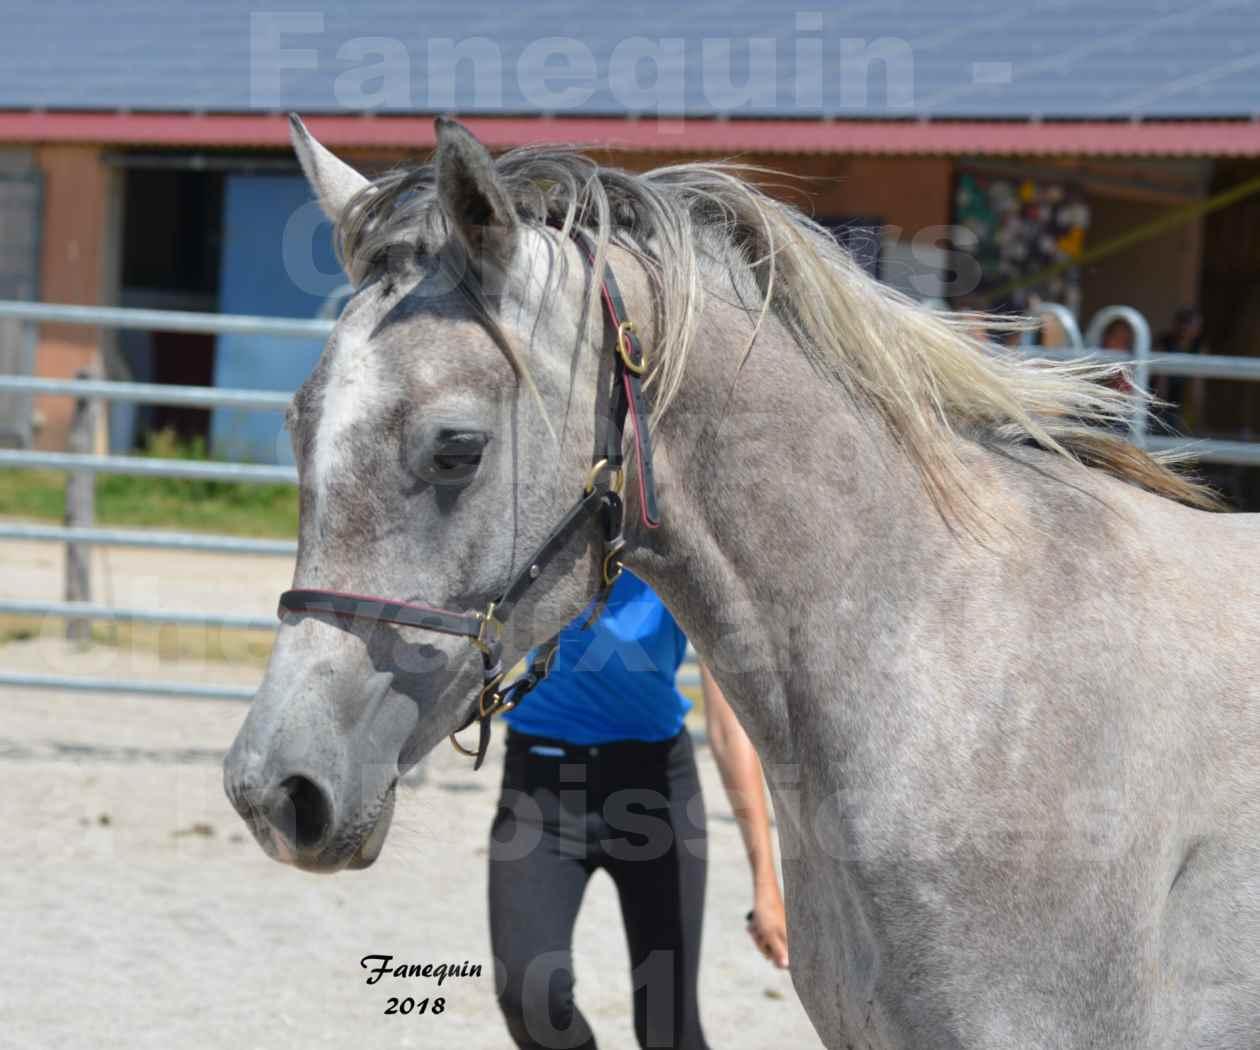 Concours d'Elevage de chevaux Arabes  le 27 juin 2018 à la BOISSIERE - GAZAK D'AURIERES - 2